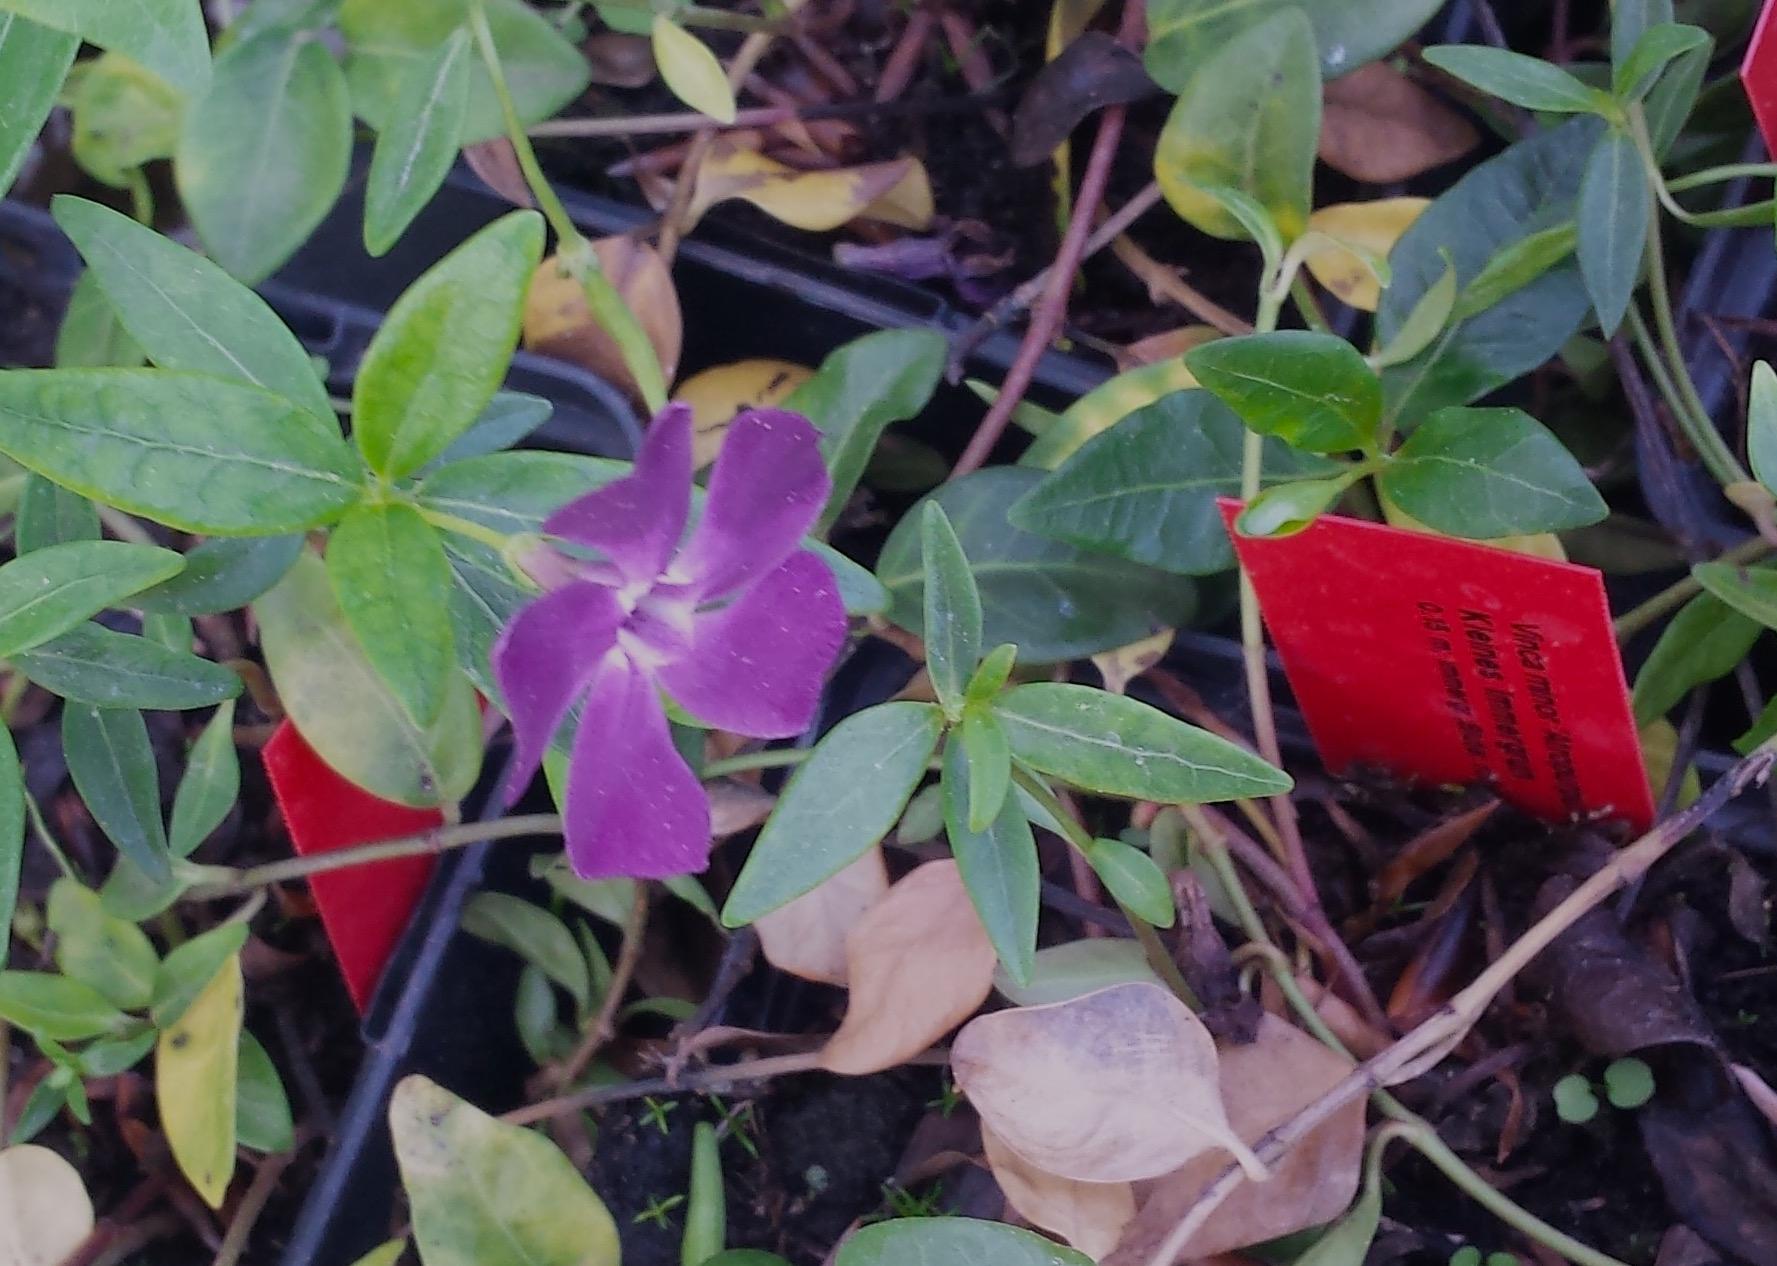 Fuchsiafarbenes Immergrün im Gartencenter